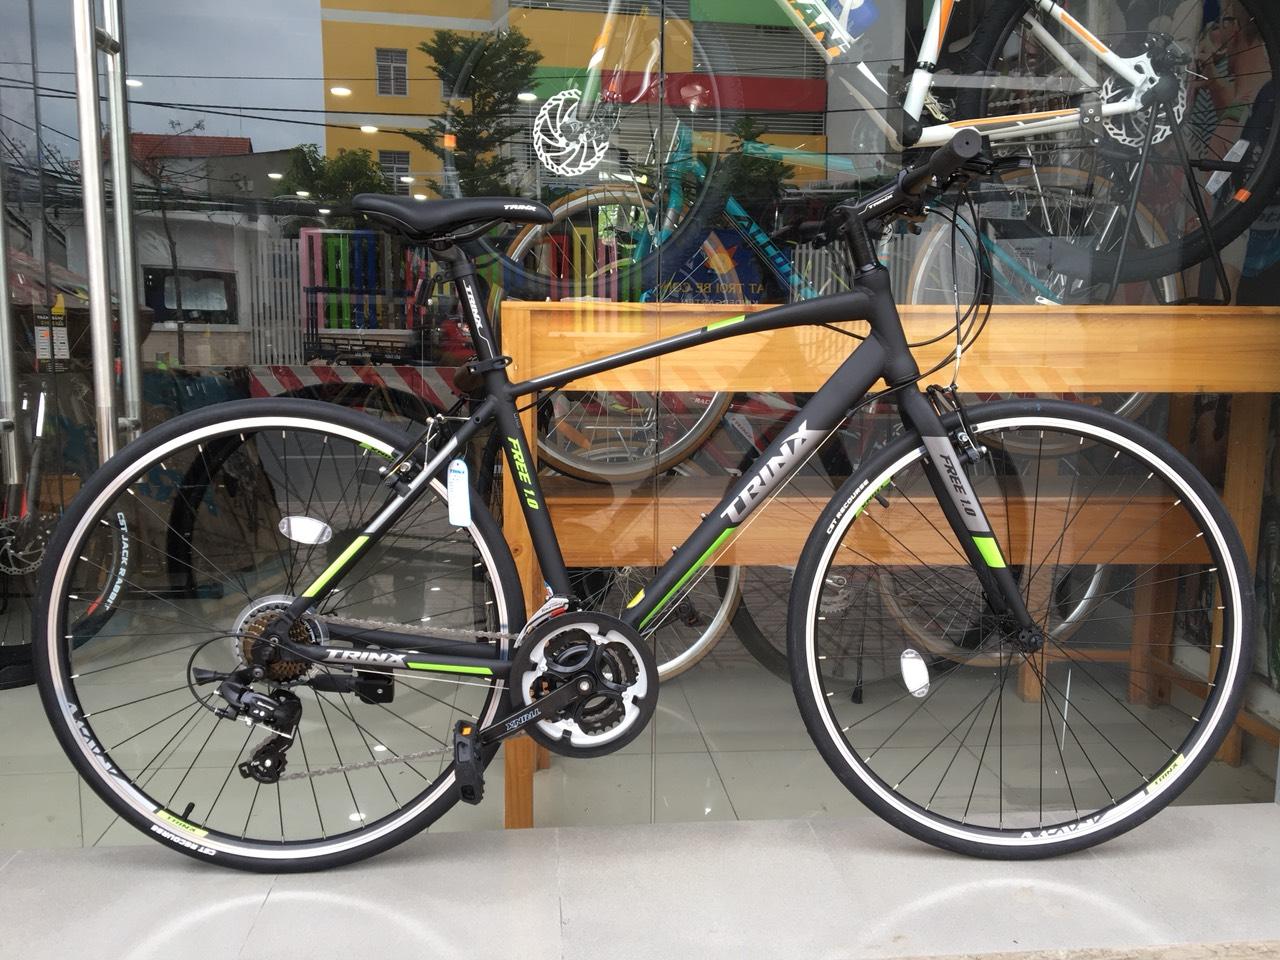 Xe đạp thể thao TRINX FREE 1.0 2019 Black Green